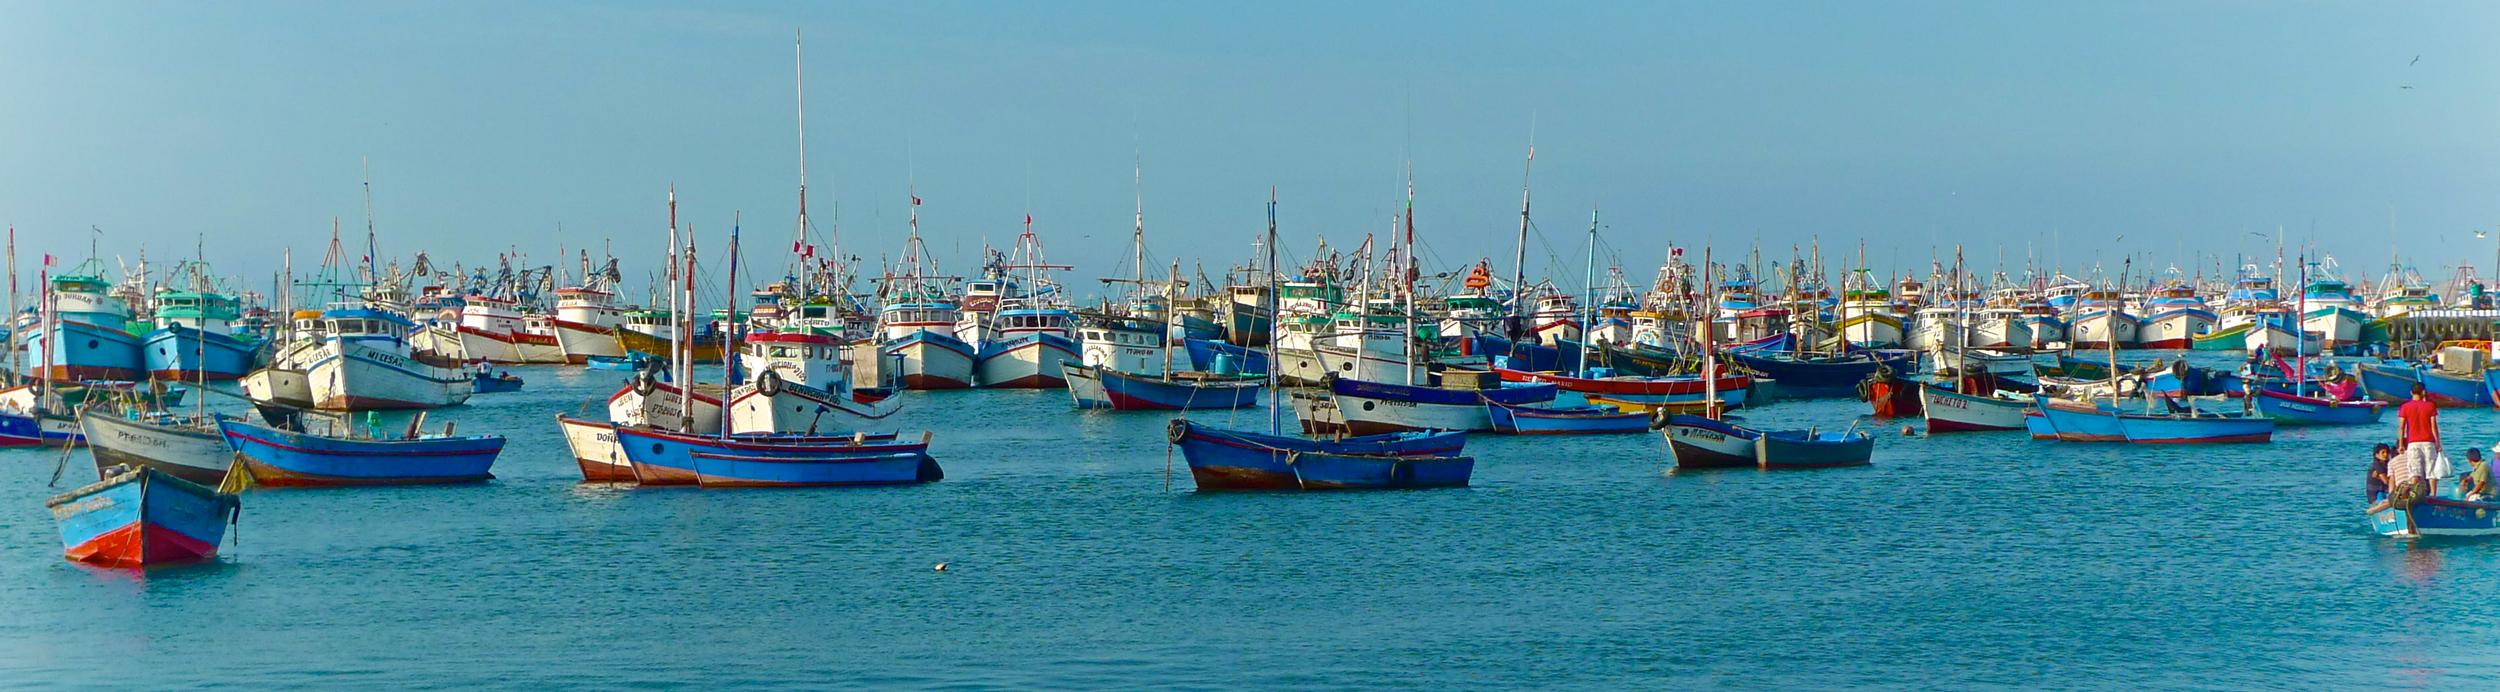 1 image, 10000 boats... Peru